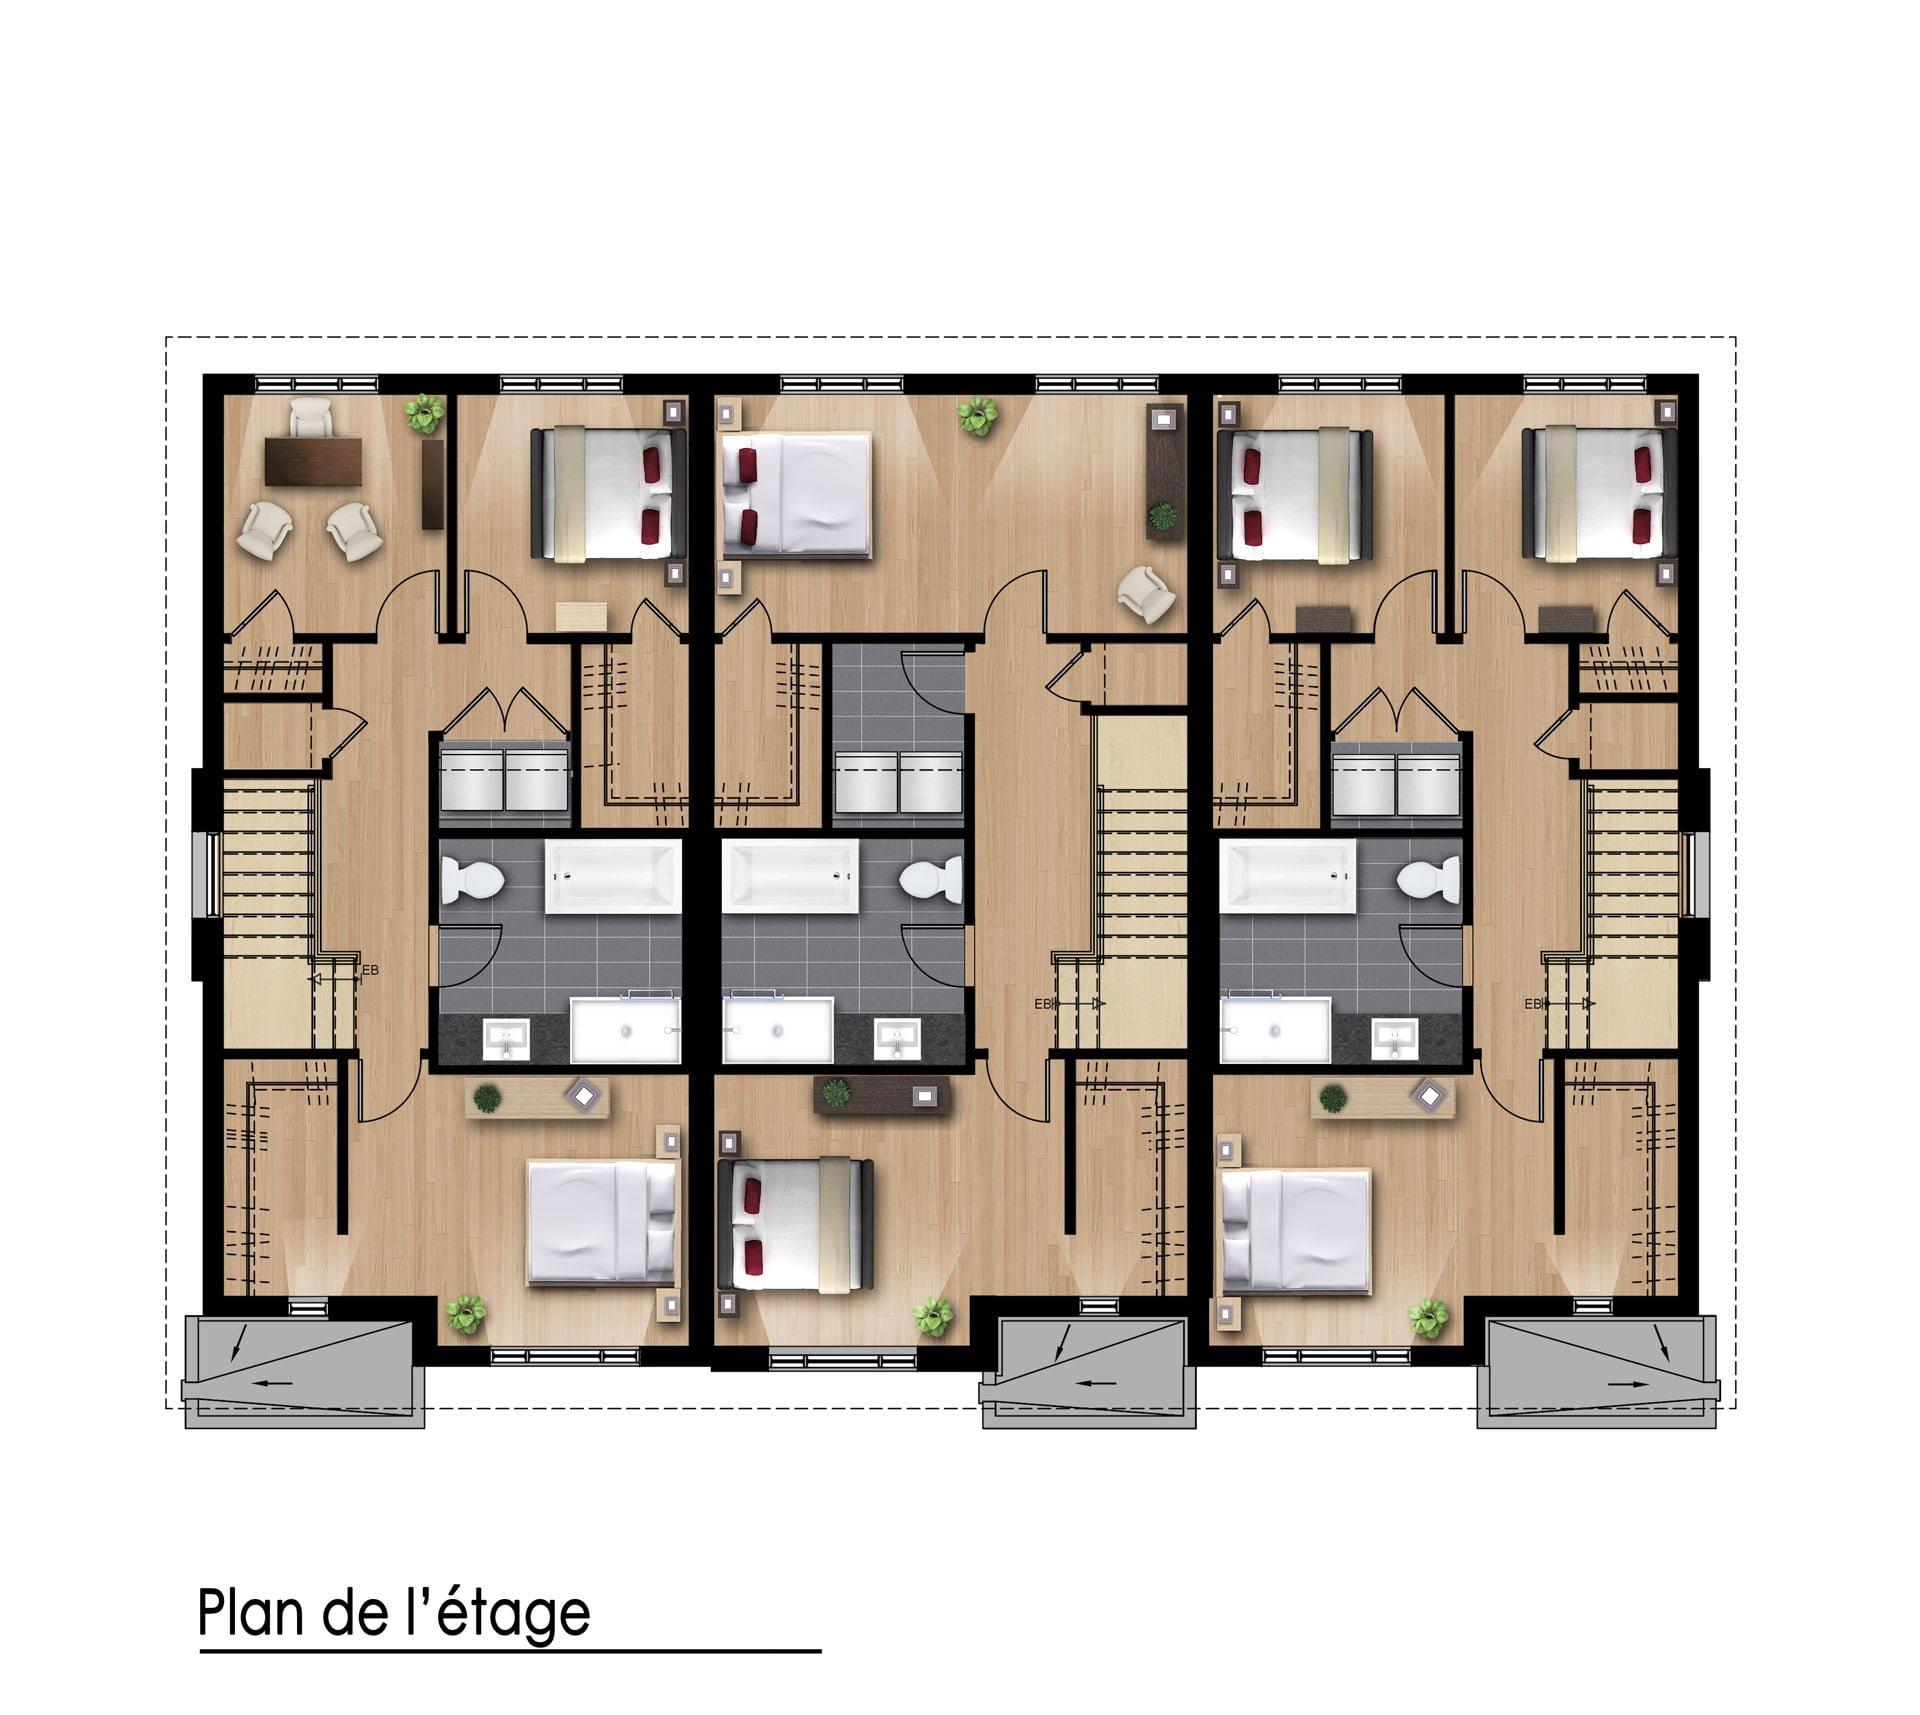 Plan de l'étage